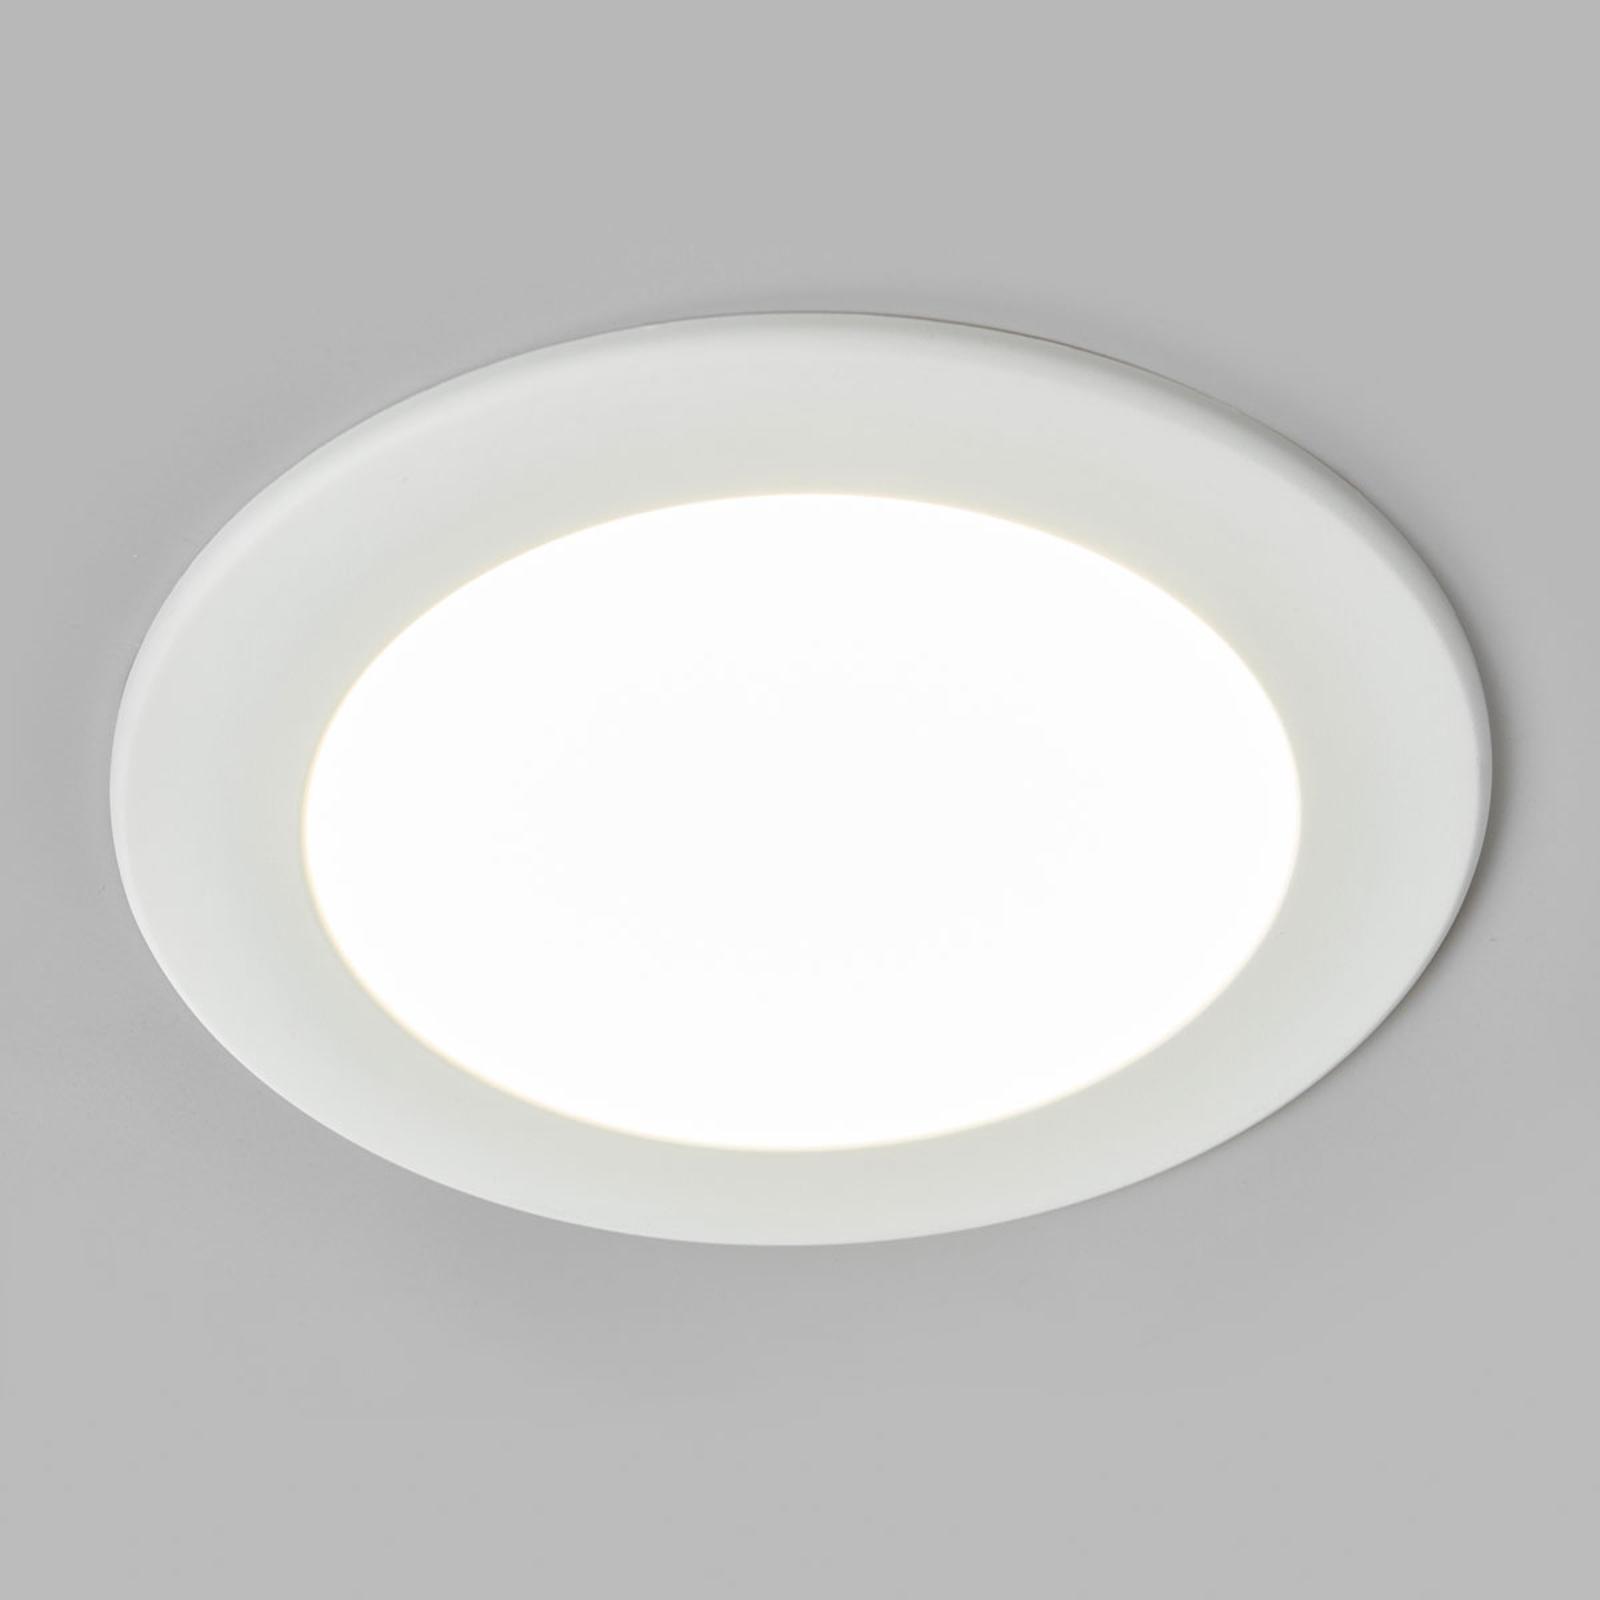 LED-kohdevalo Joki valkoinen 4000K pyöreä 17cm